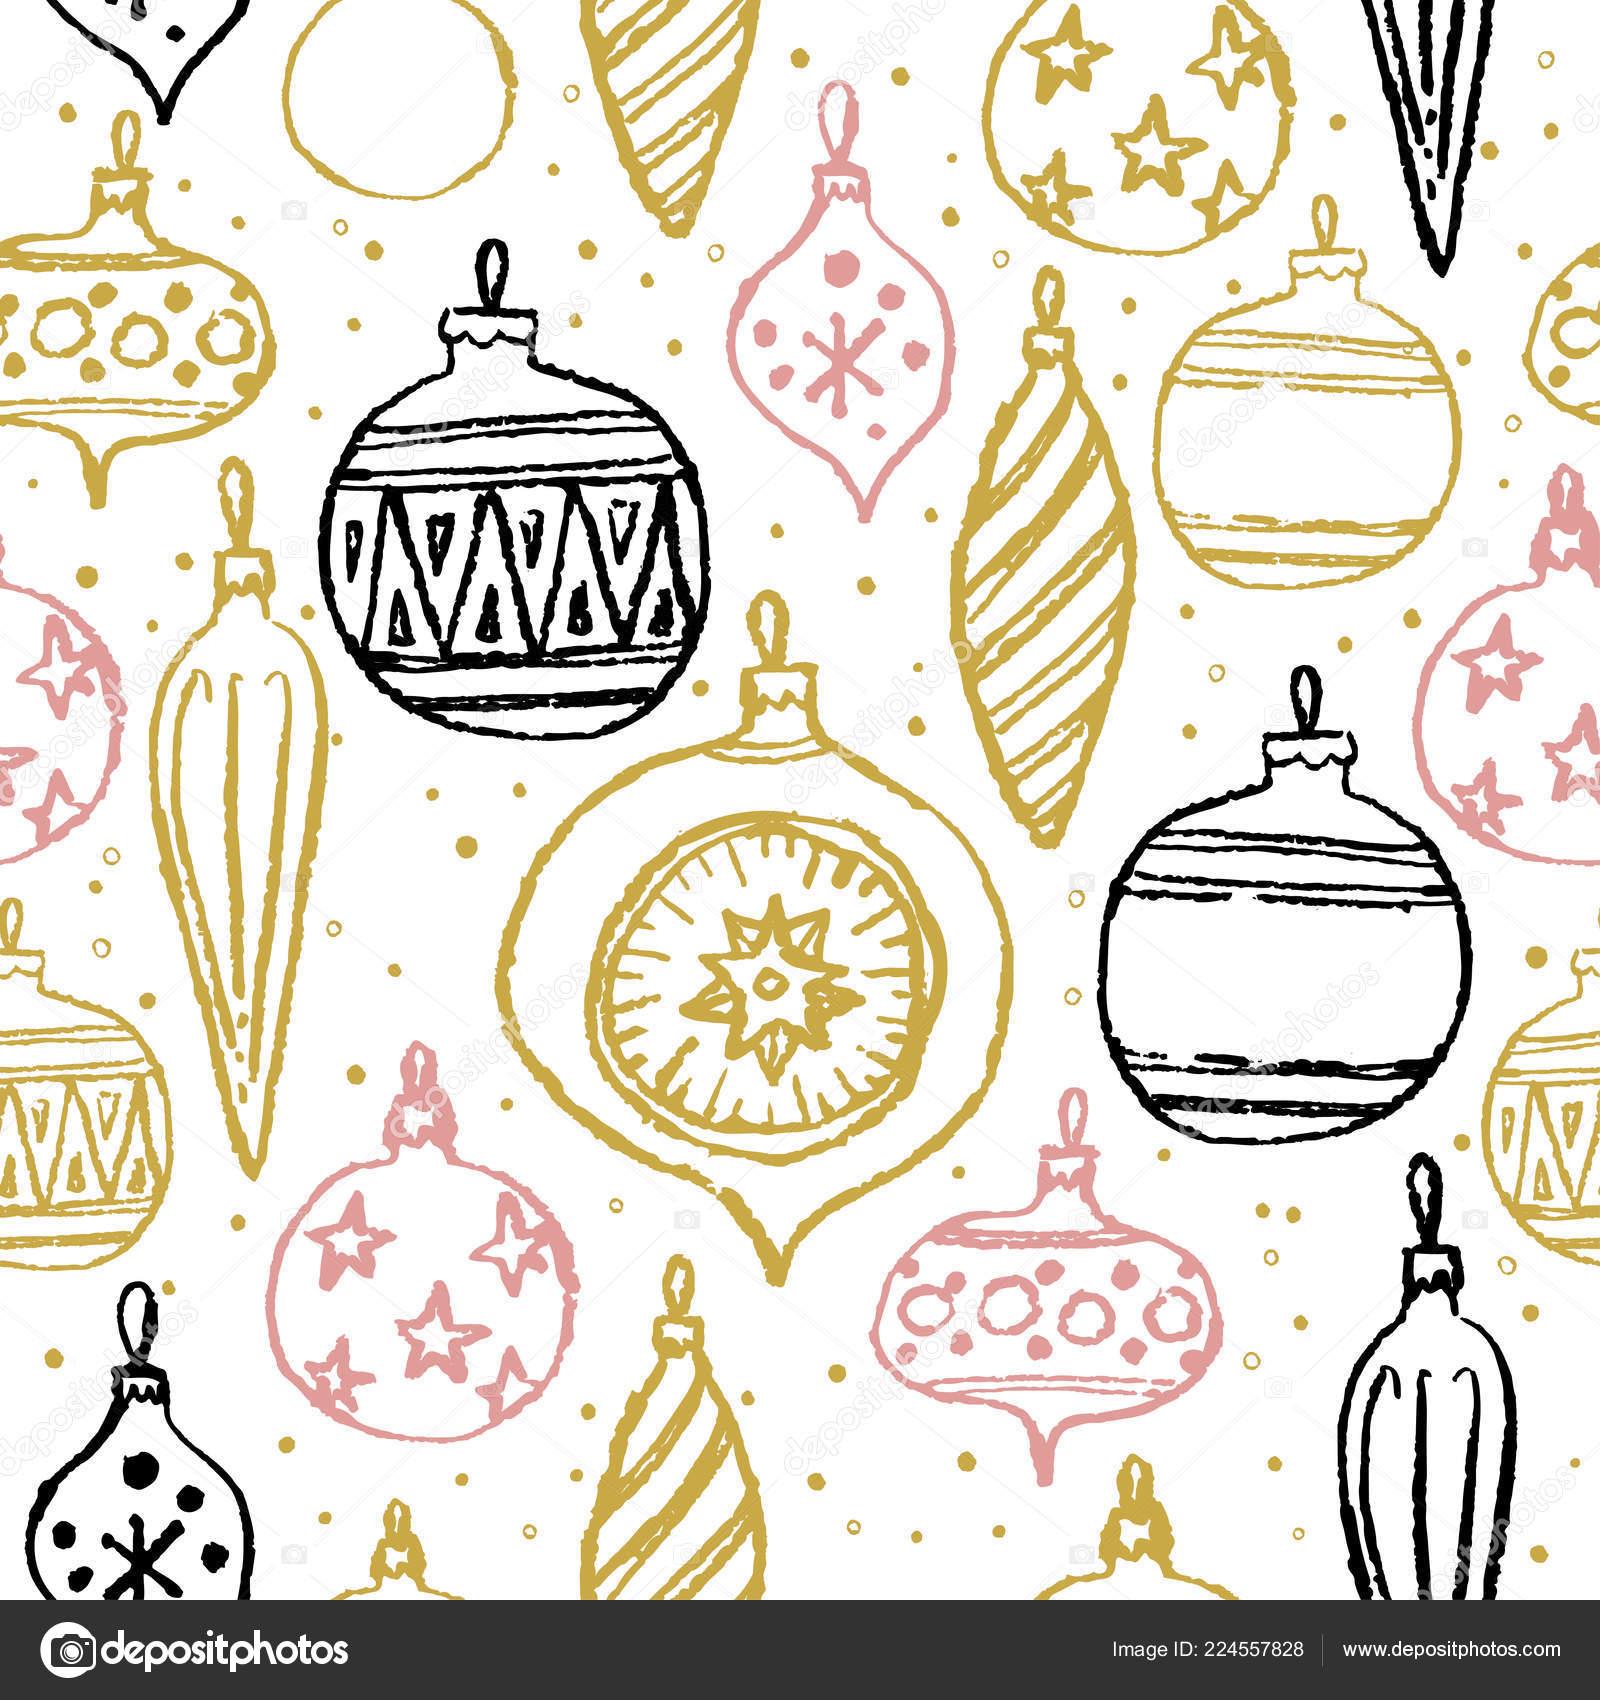 Weihnachten Hand Gezeichnete Nahtlose Muster Zusammenfassung